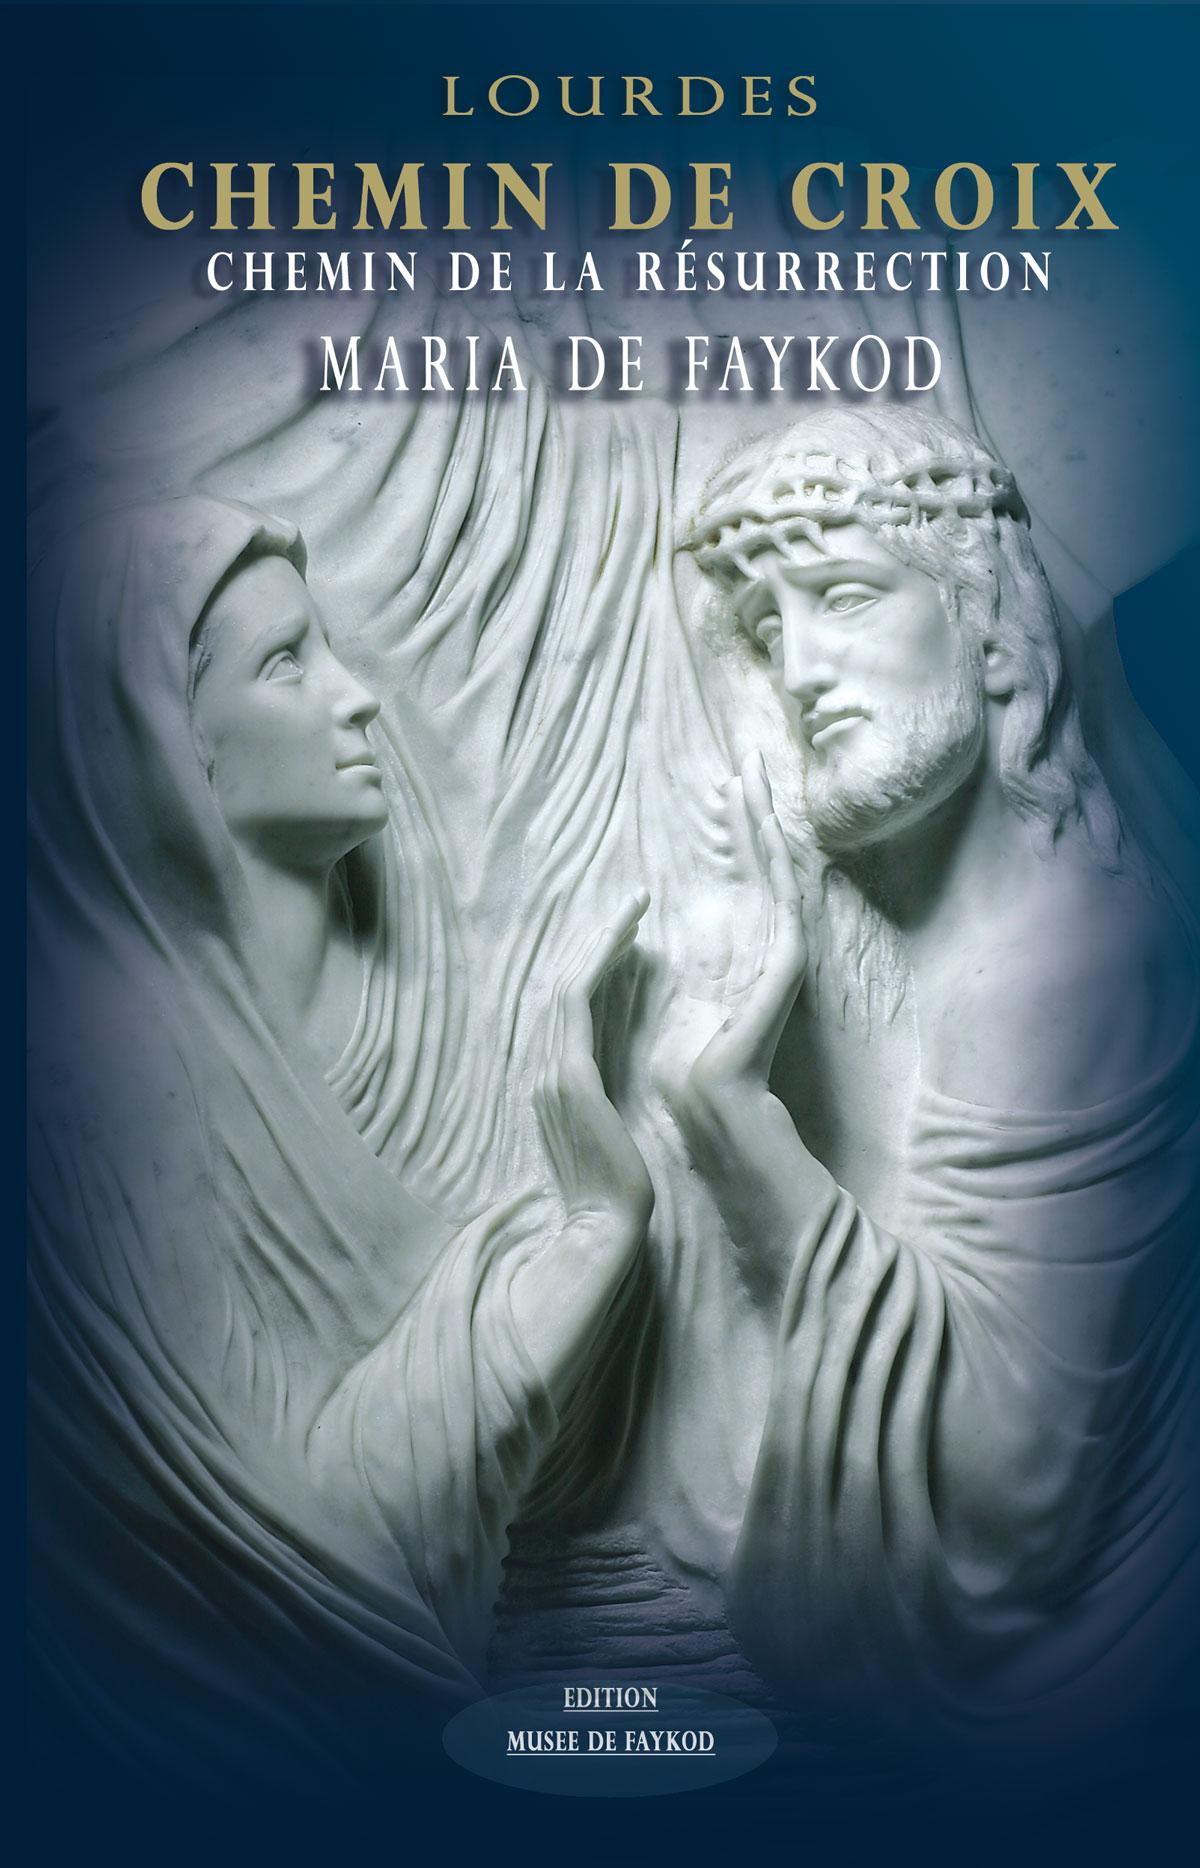 Livret - Lourdes, Chemin de Croix, Chemin de la Resurrection - Maria de Faykod - Couverture